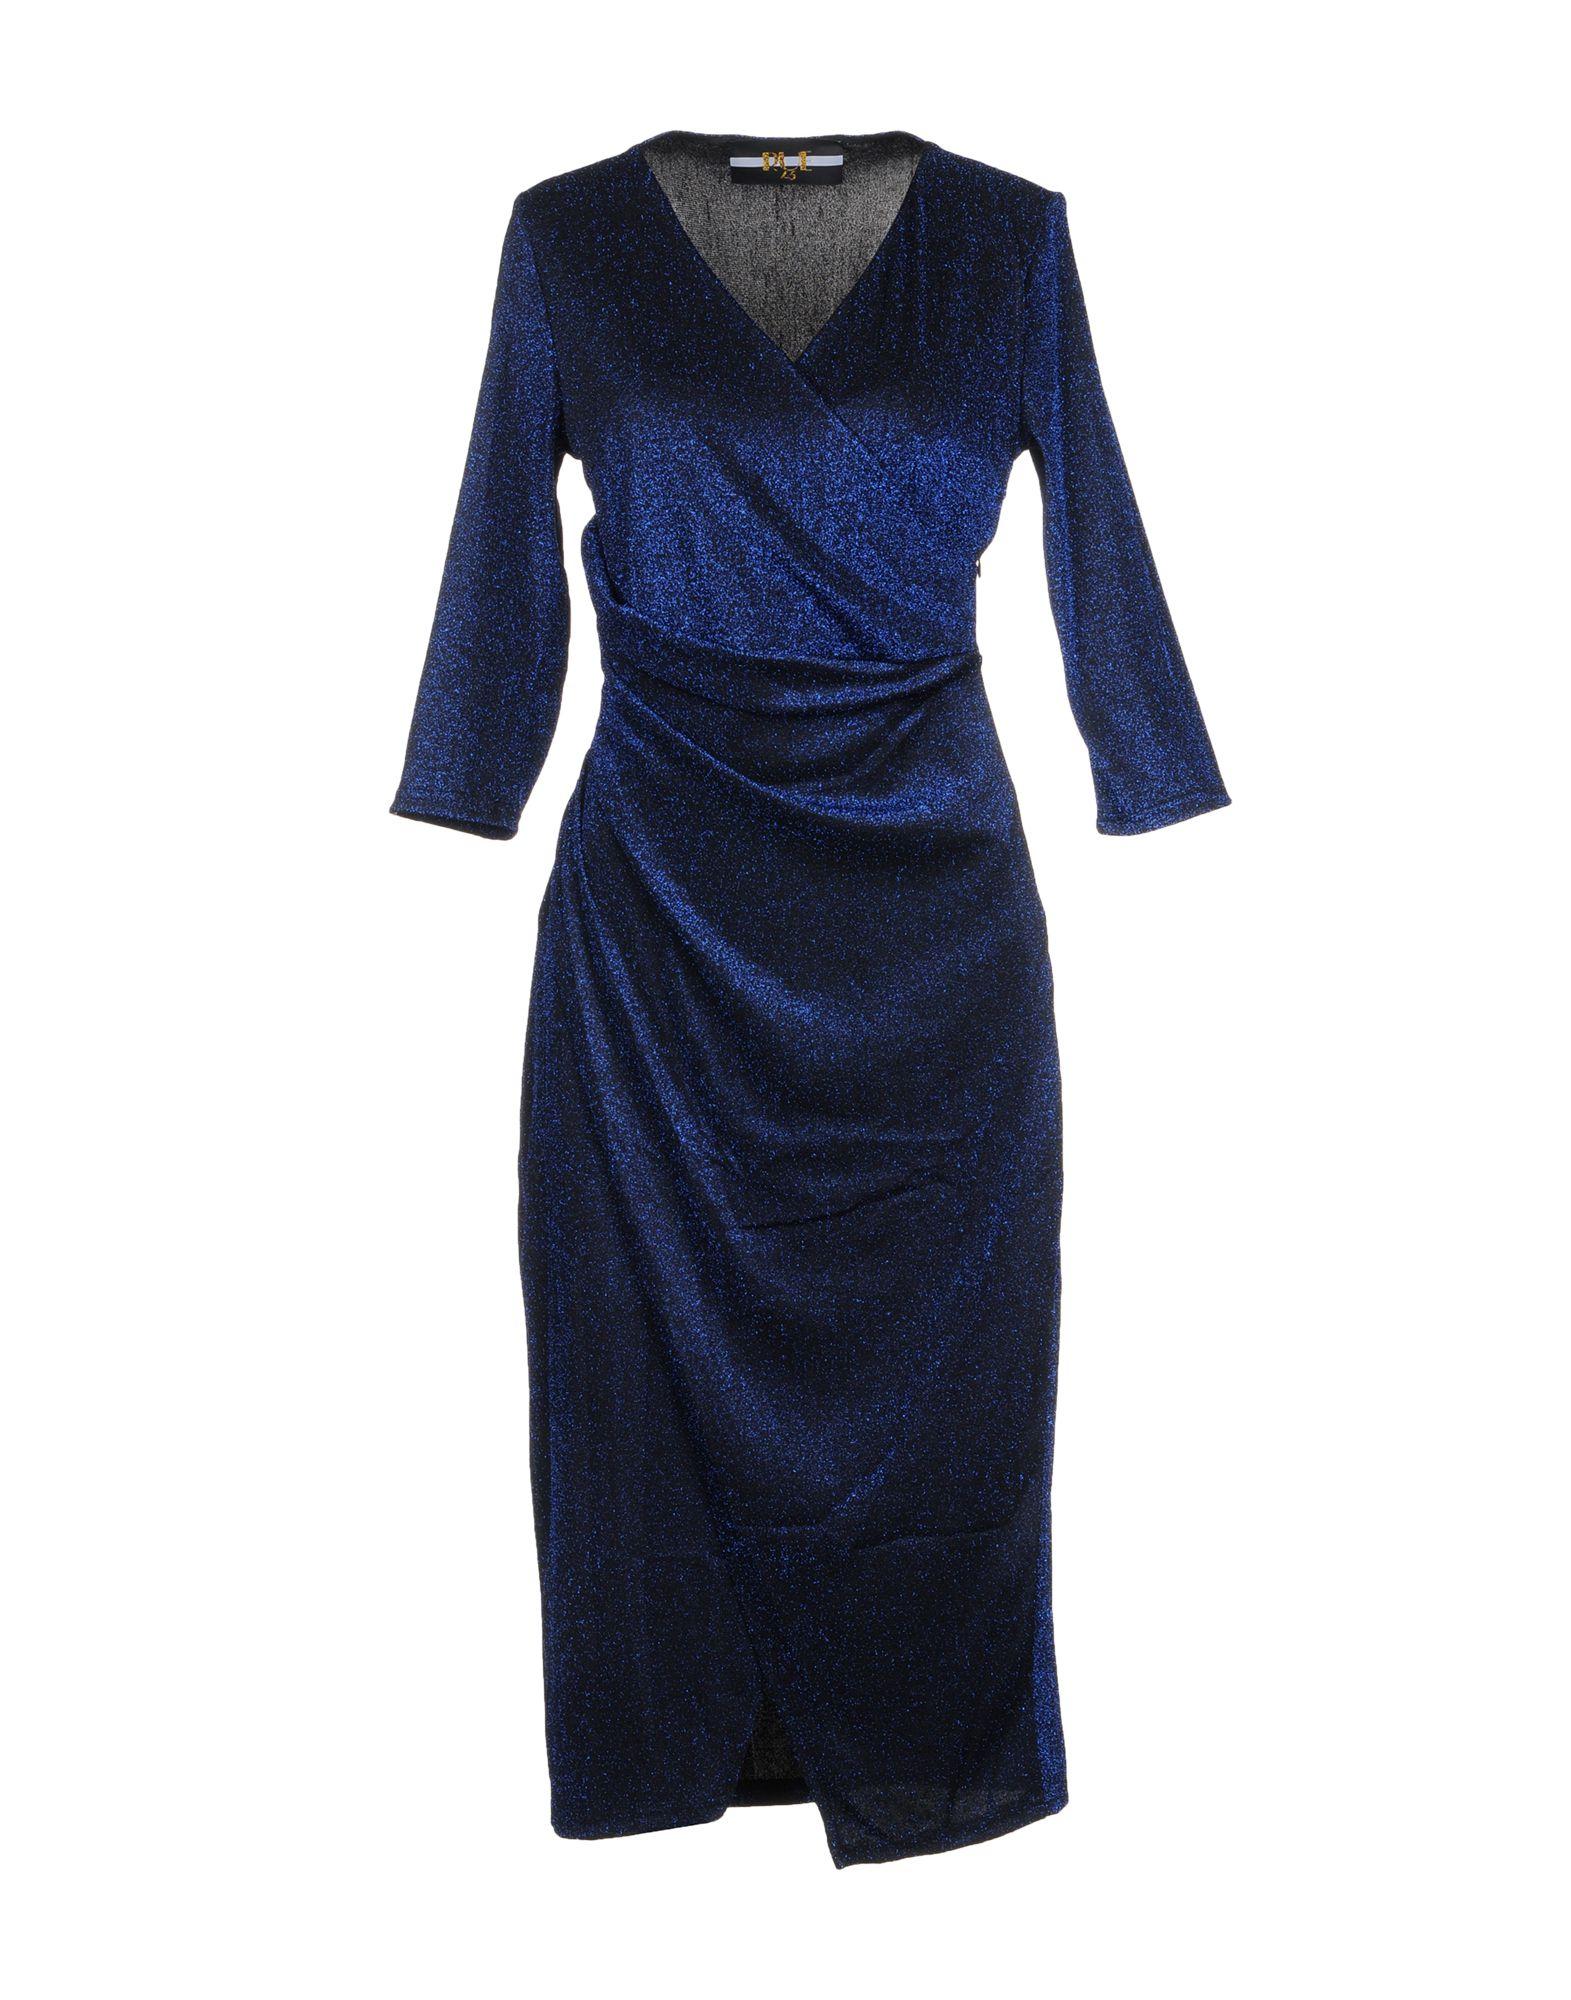 2c7b605ede36 Γυναικεία Μίντι Φορέματα - Σελίδα 17